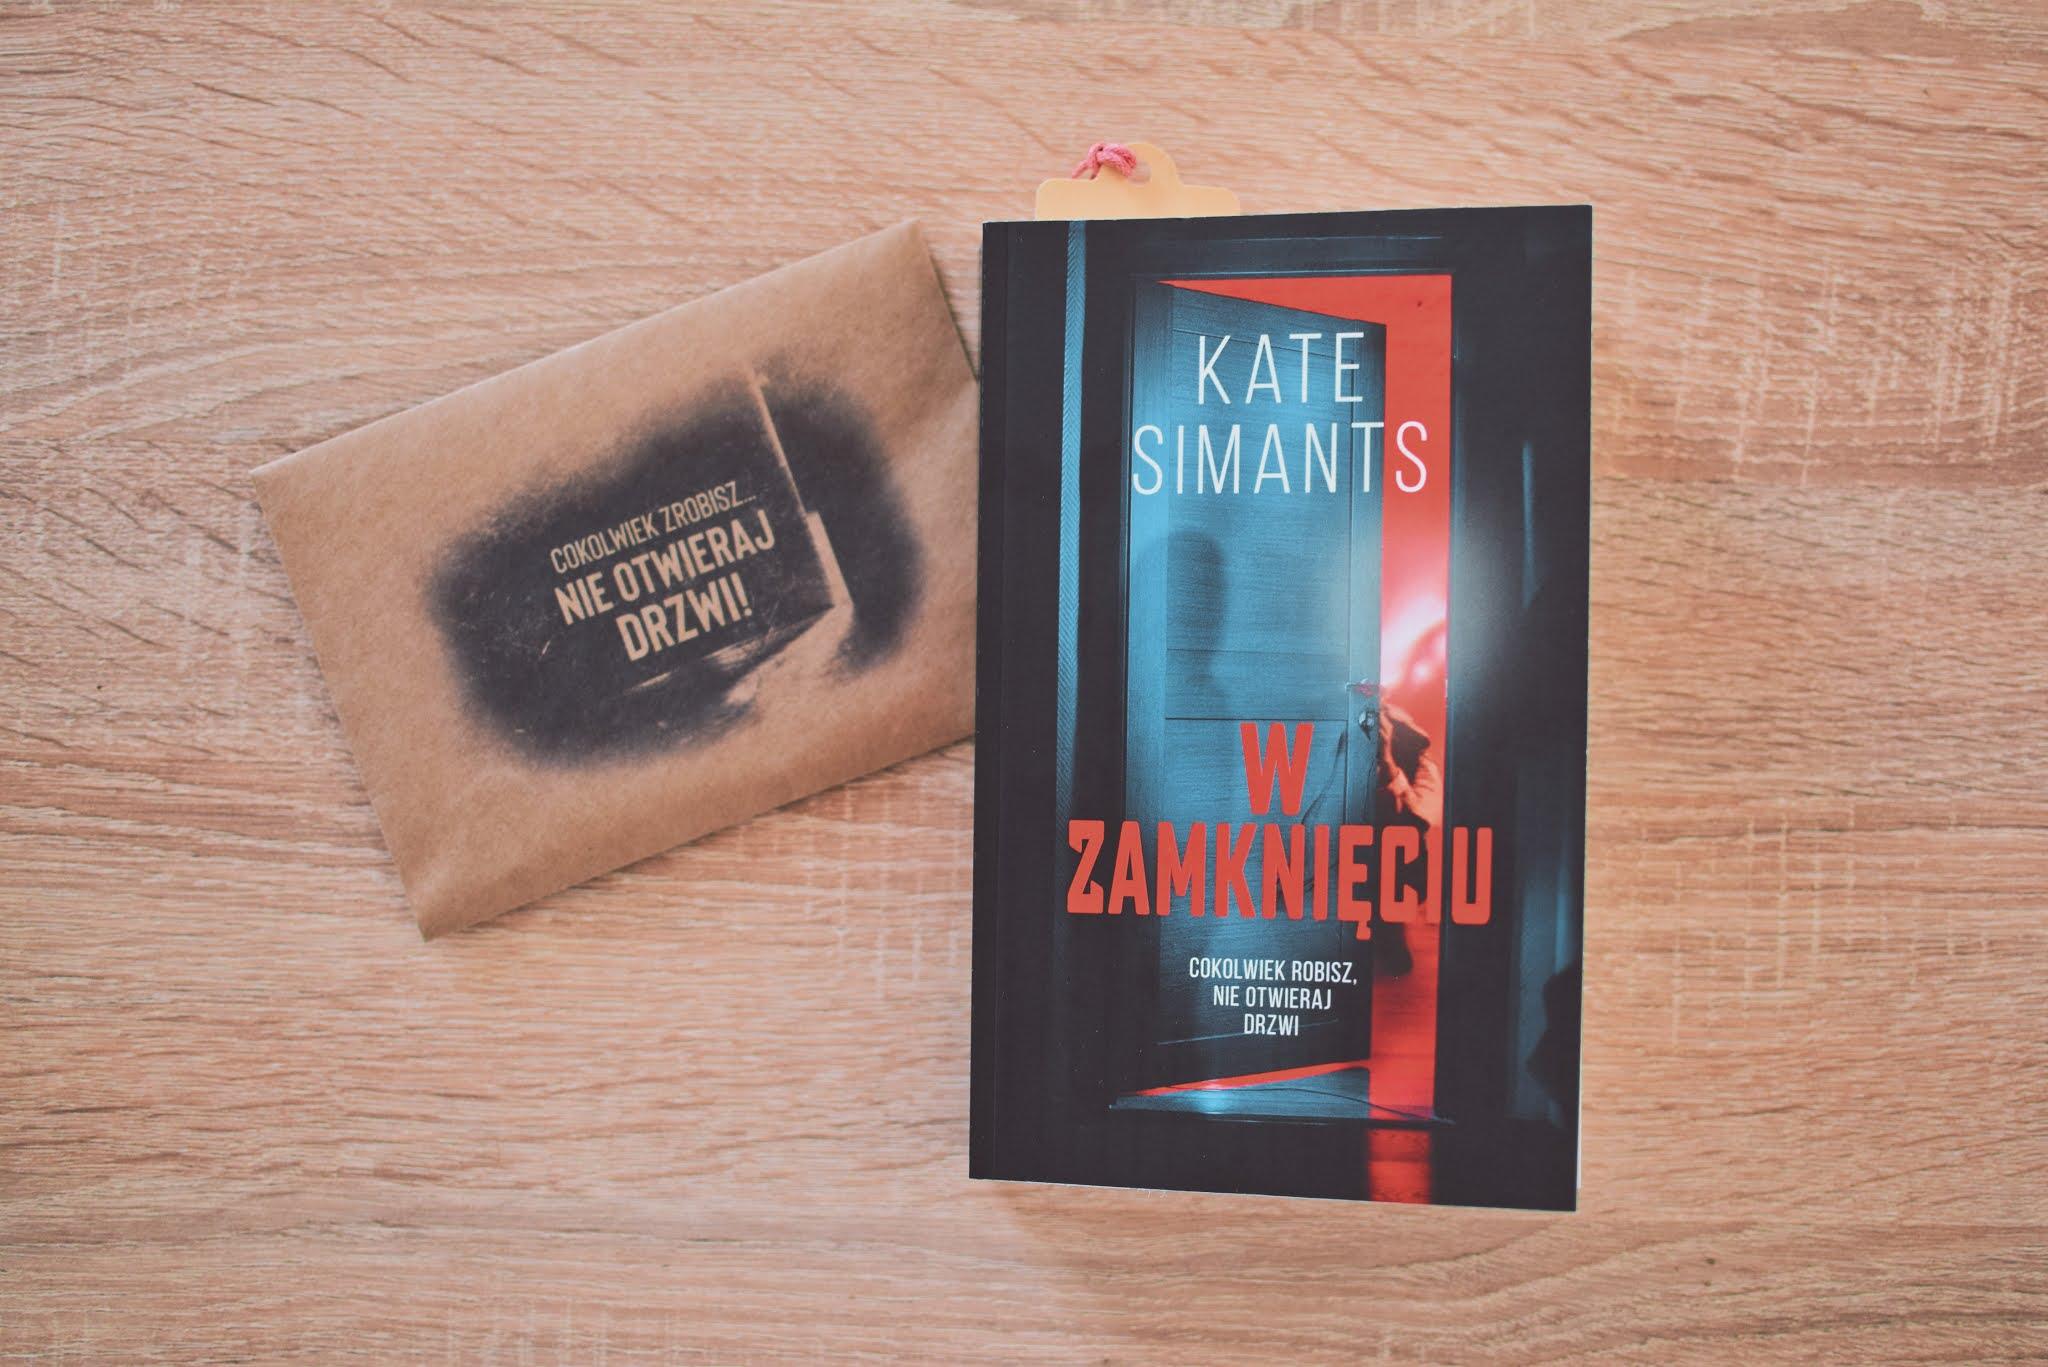 KateSimants, WZamknięciu, thriller,WydawnictwoMuza,MuzaBlack,dysocjacjatożsamości,młodzież,opowiadanie,recenzja,